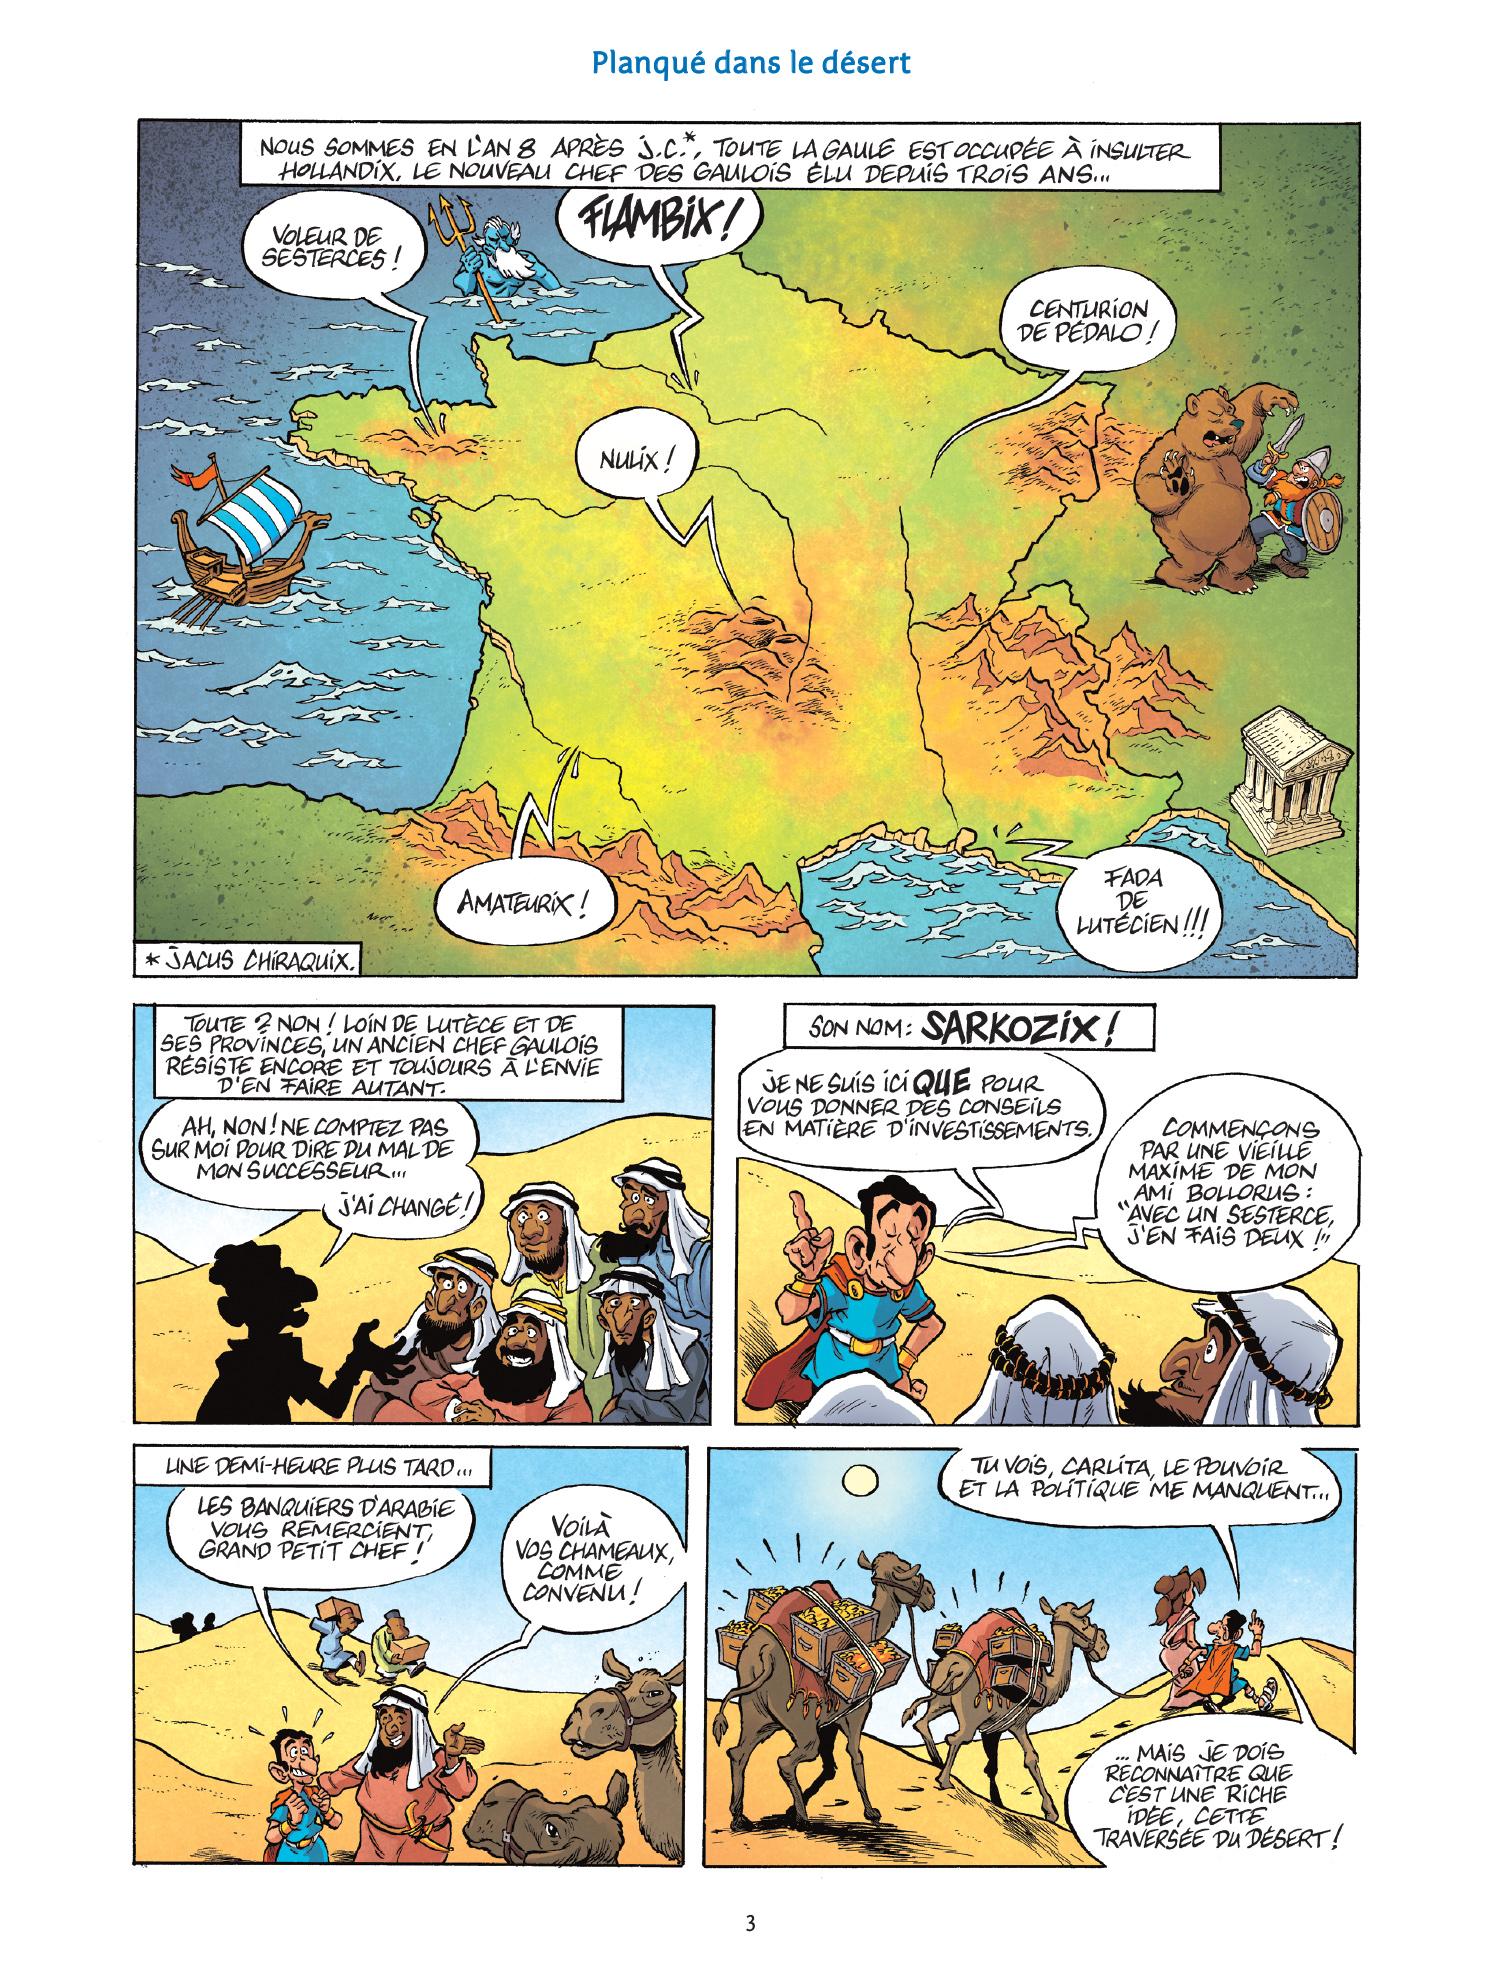 Les nouvelles aventures de sarkozix #1 - Sur le retour - Delcourt - Nicolas Pothier, Geoffroy Rudowski